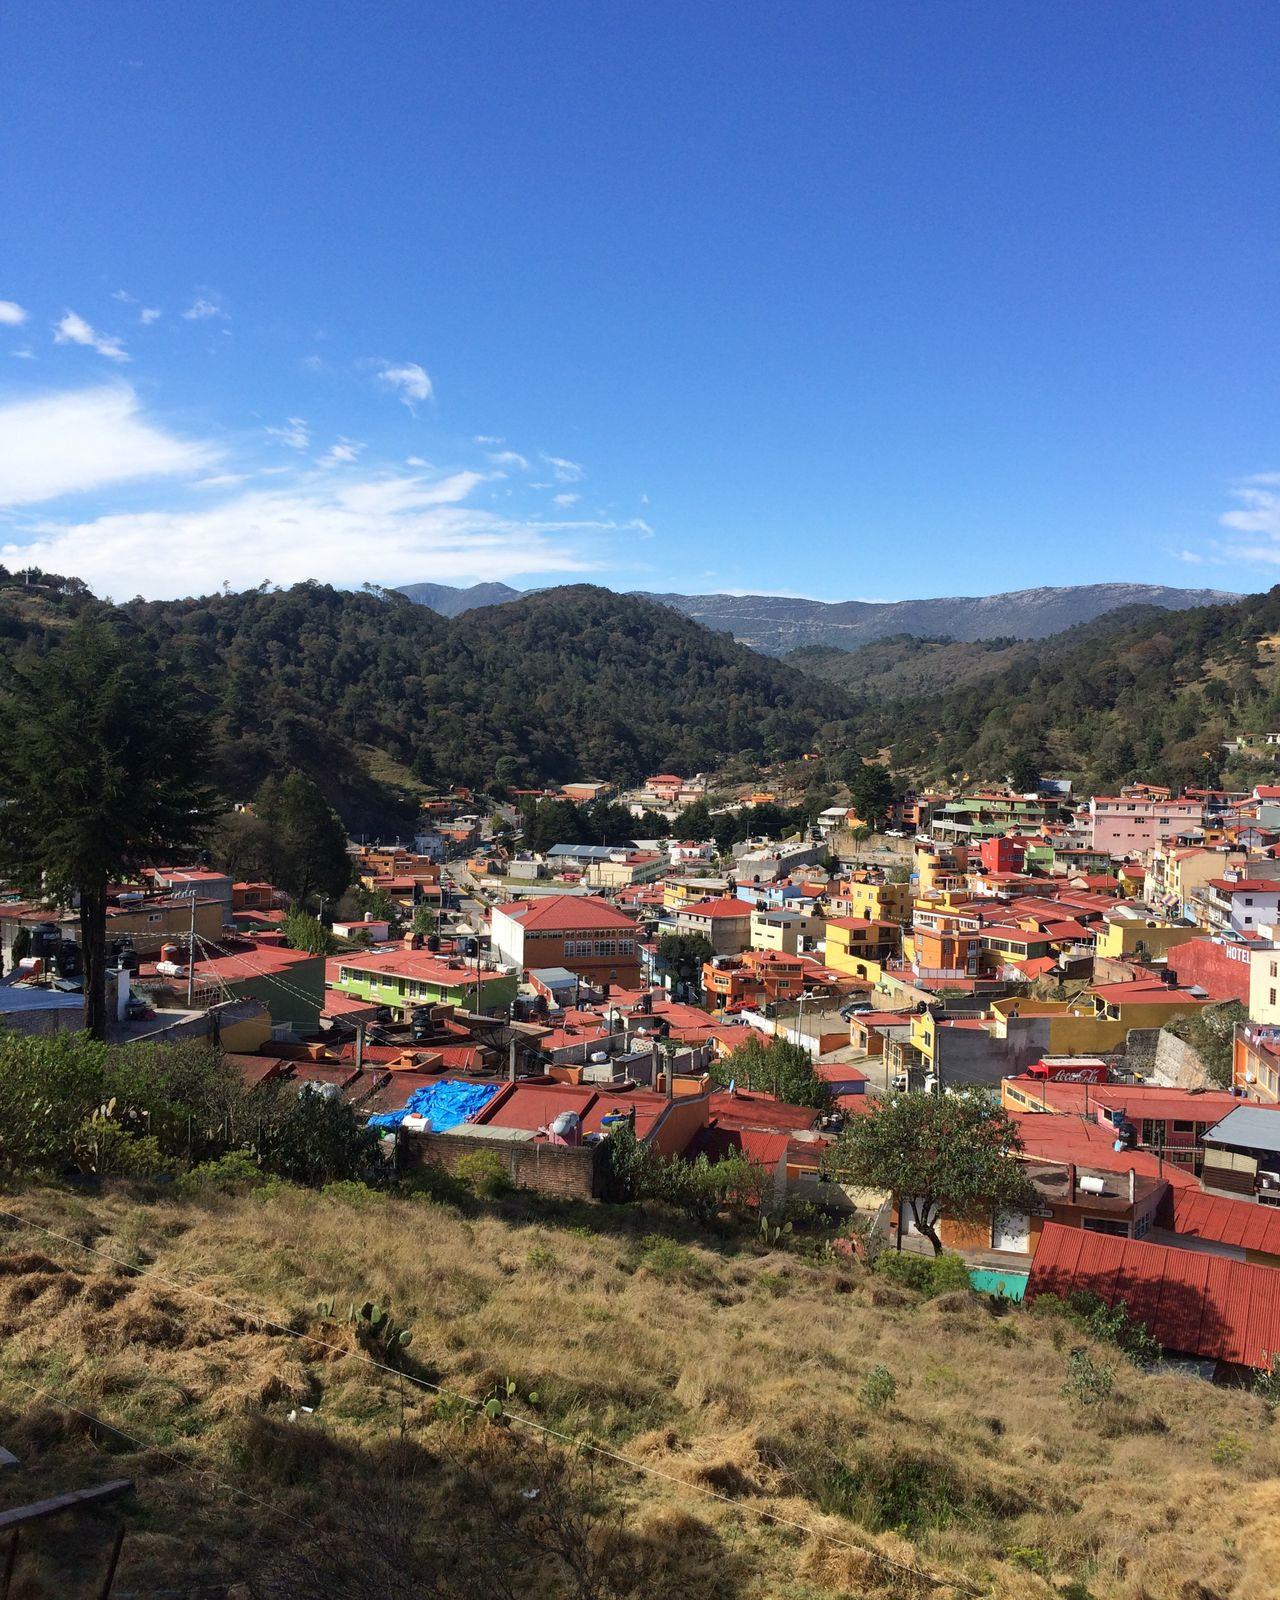 San Joaquín, Queretaro Landascape Bluesky Mountain Sierra Gorda, Queretaro